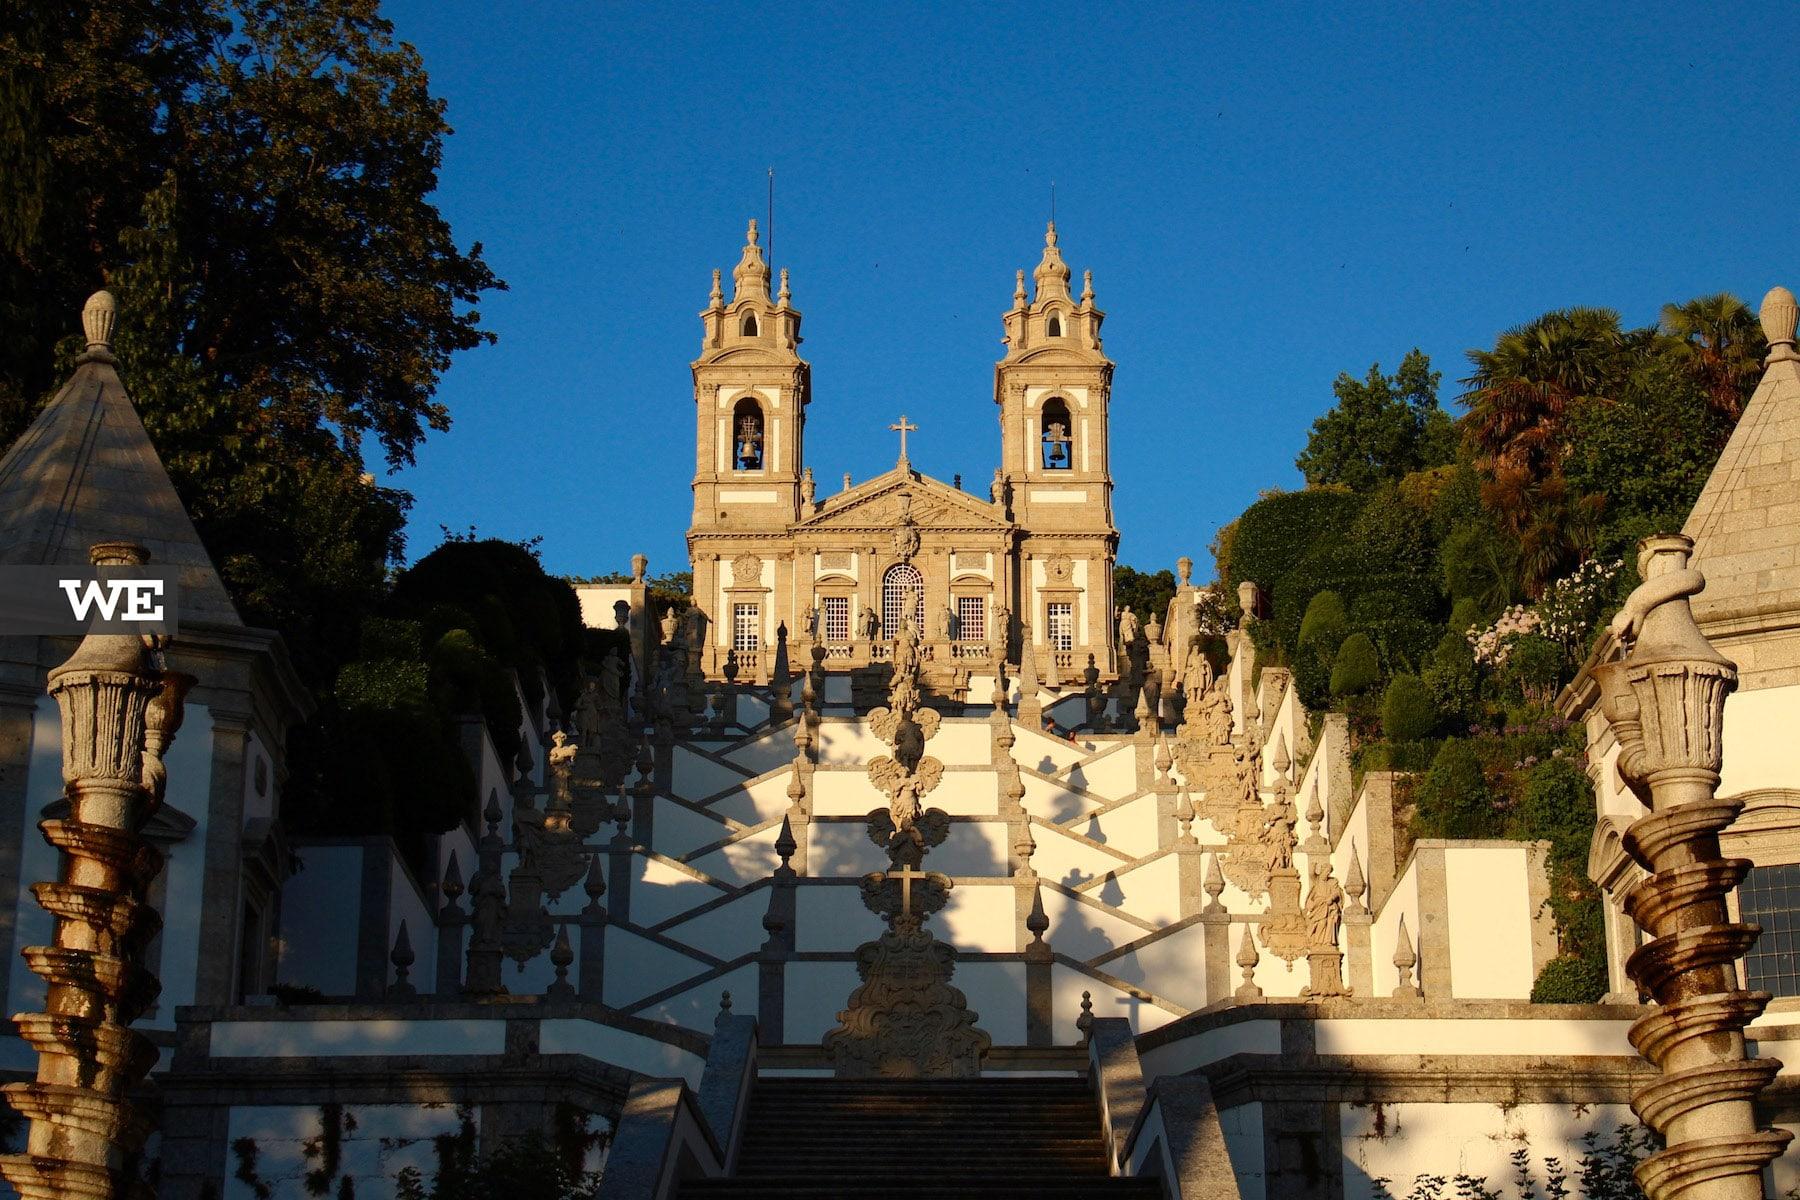 Escadório do Bom Jesus de Braga